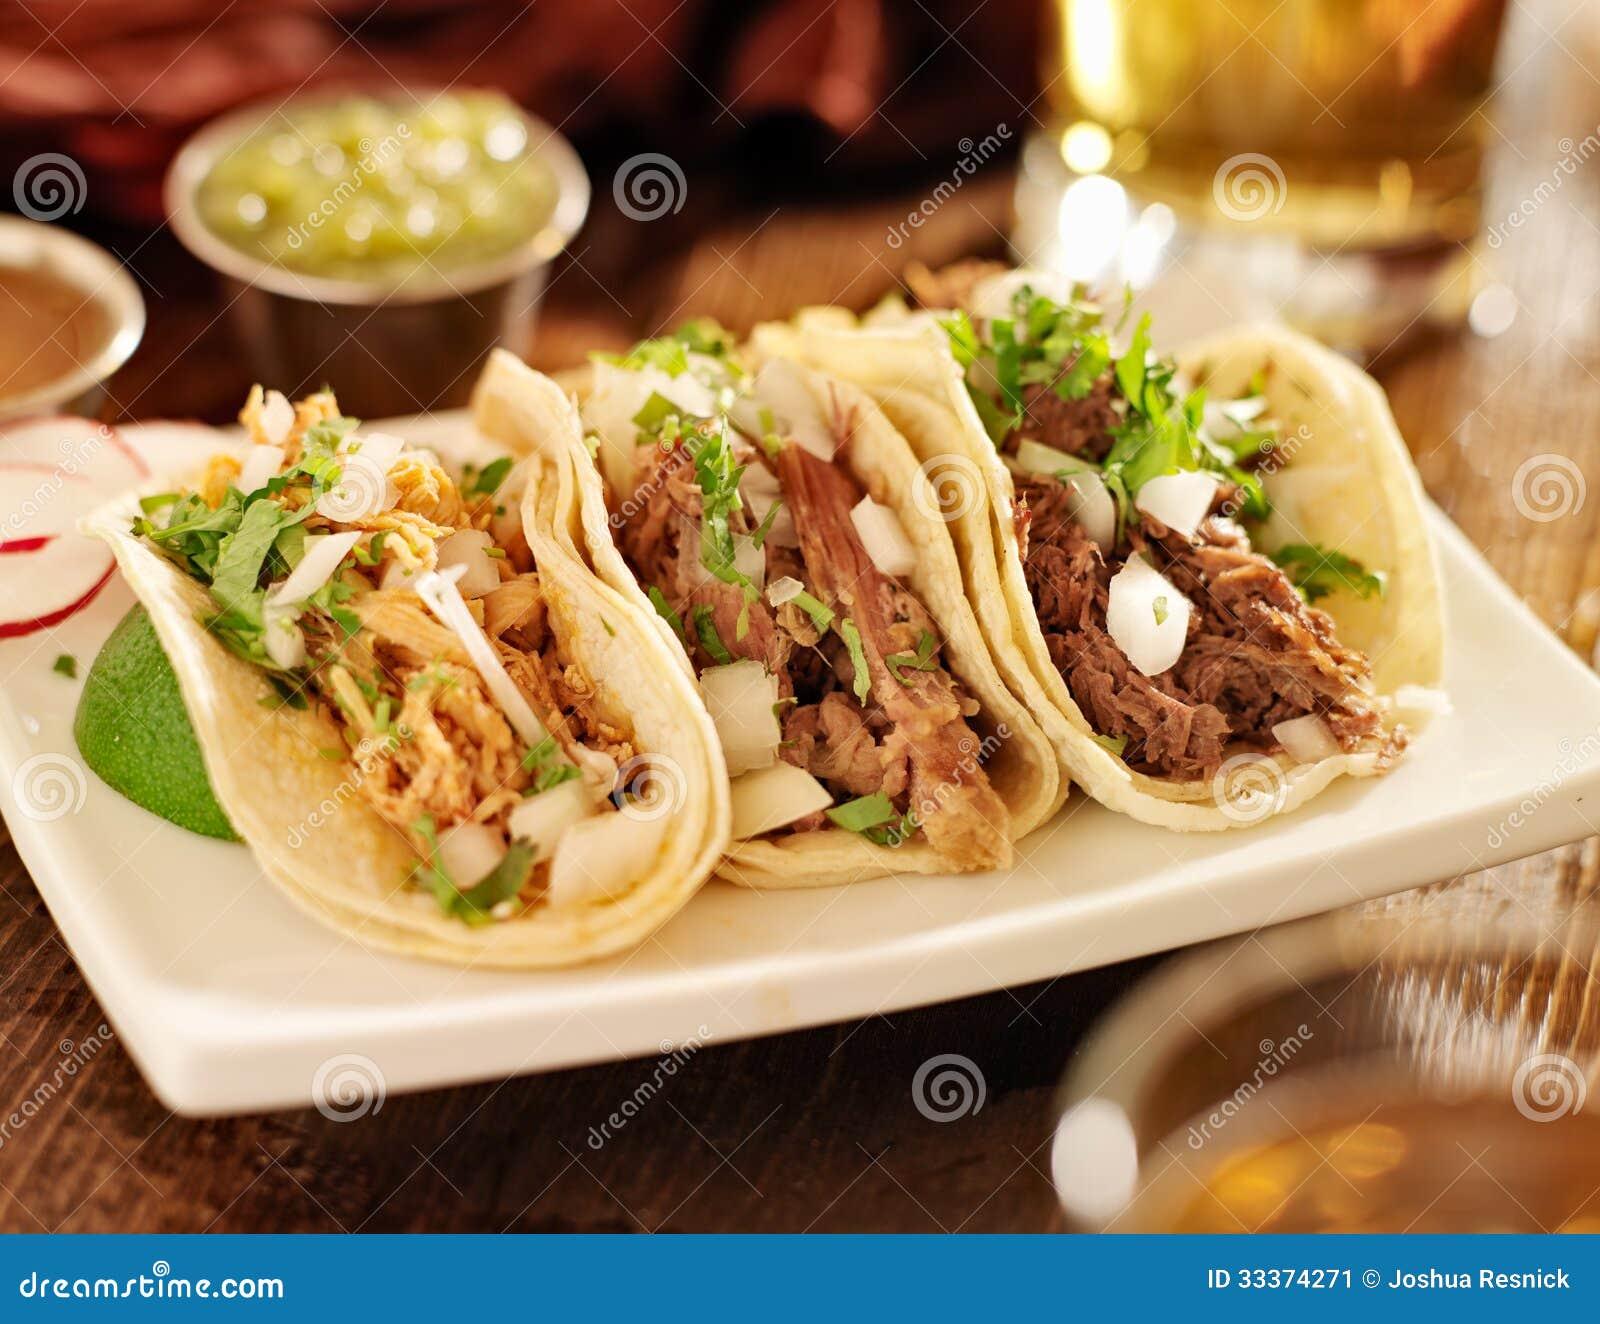 Tacos mexicanos aut nticos imagen de archivo imagen de - Tacos mexicanos de pollo ...